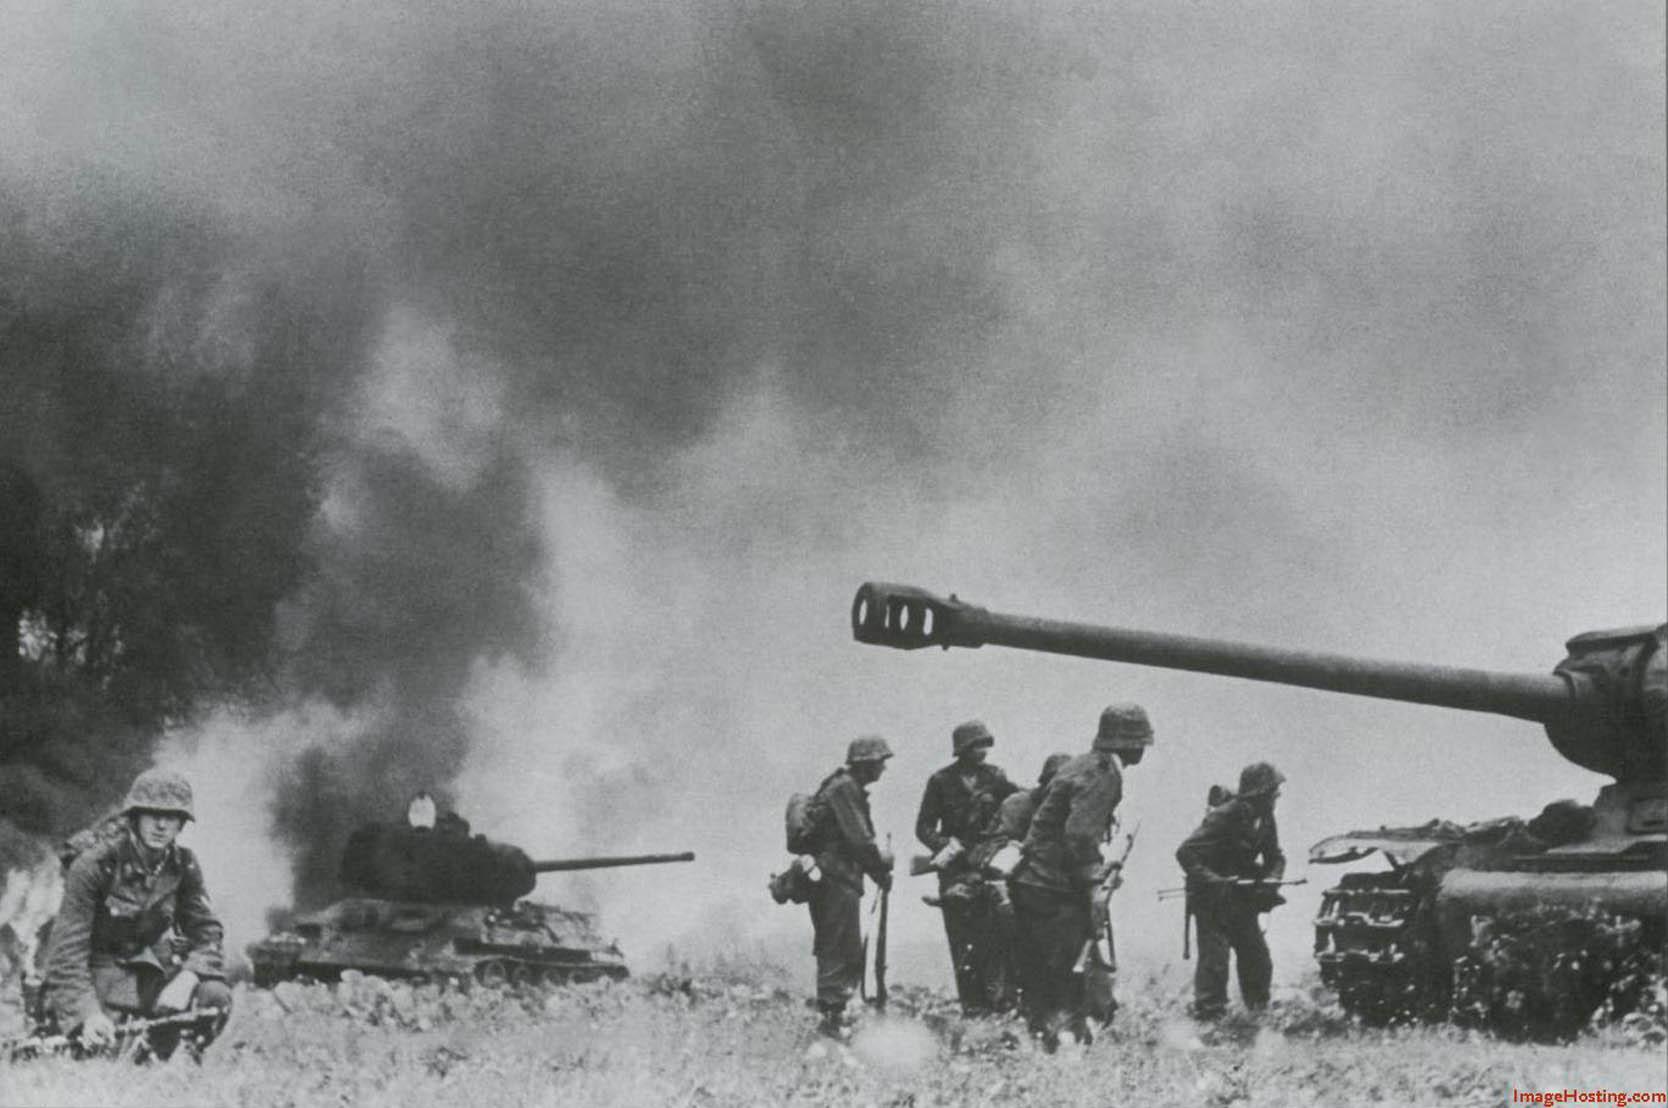 Battle on kursk image wehrmacht gamers mod db - World war ii wallpaper ...